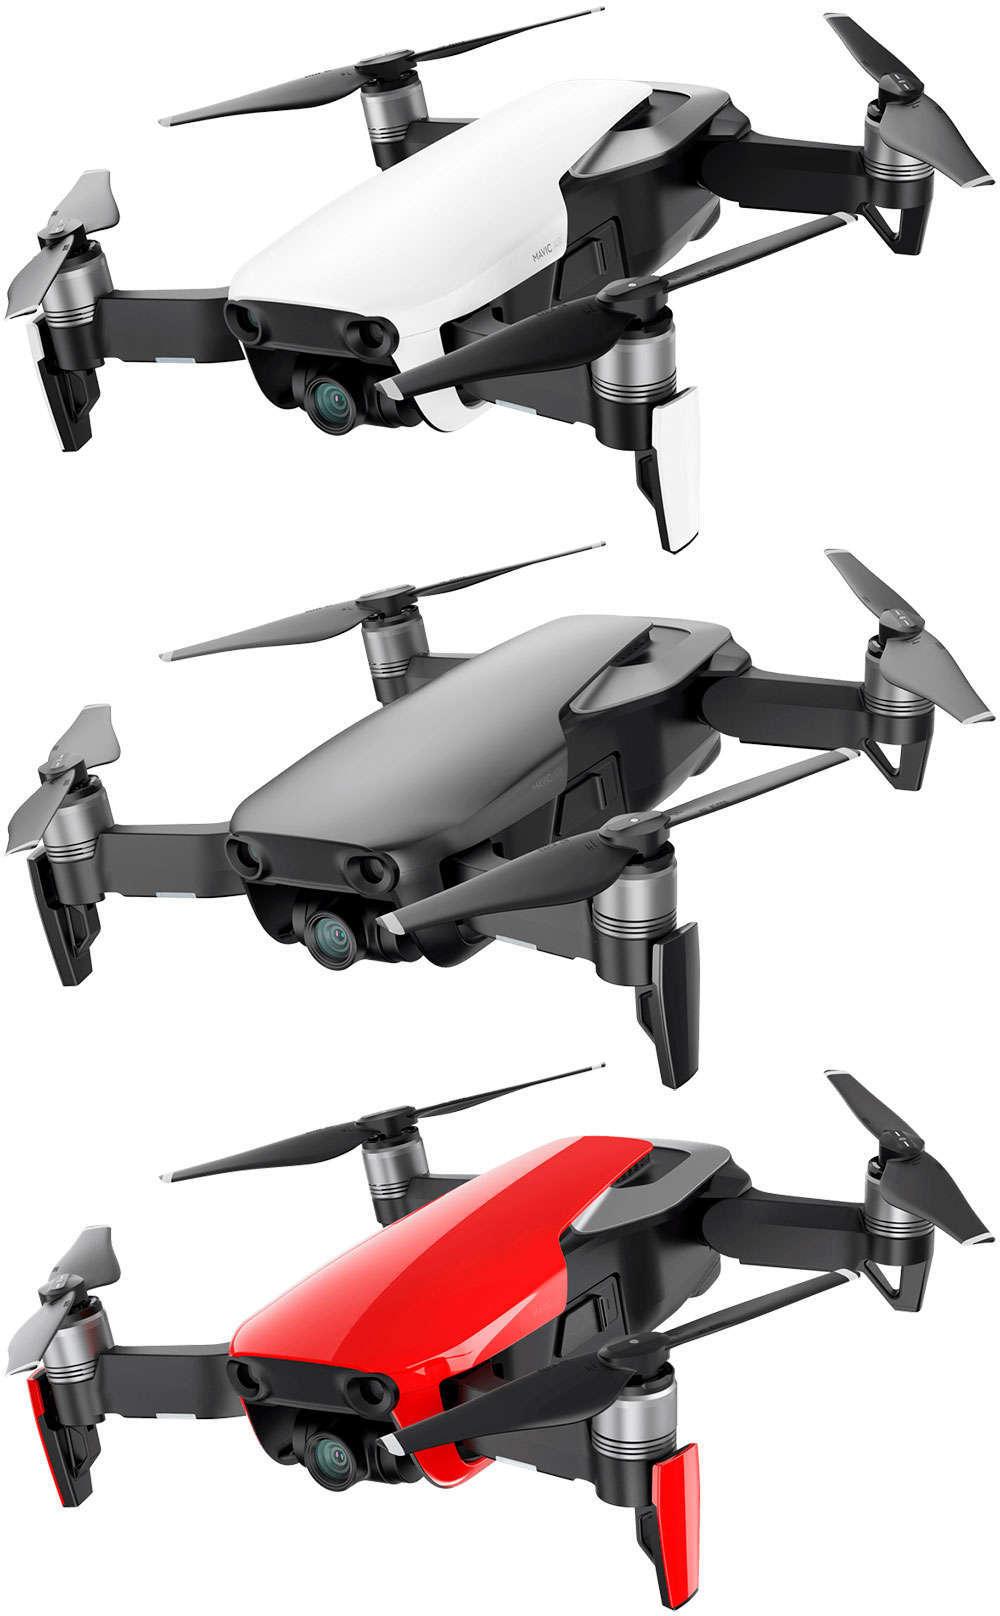 En TodoMountainBike: DJI Mavic Air, un dron ultracompacto y ligero con captura de vídeo a 4K